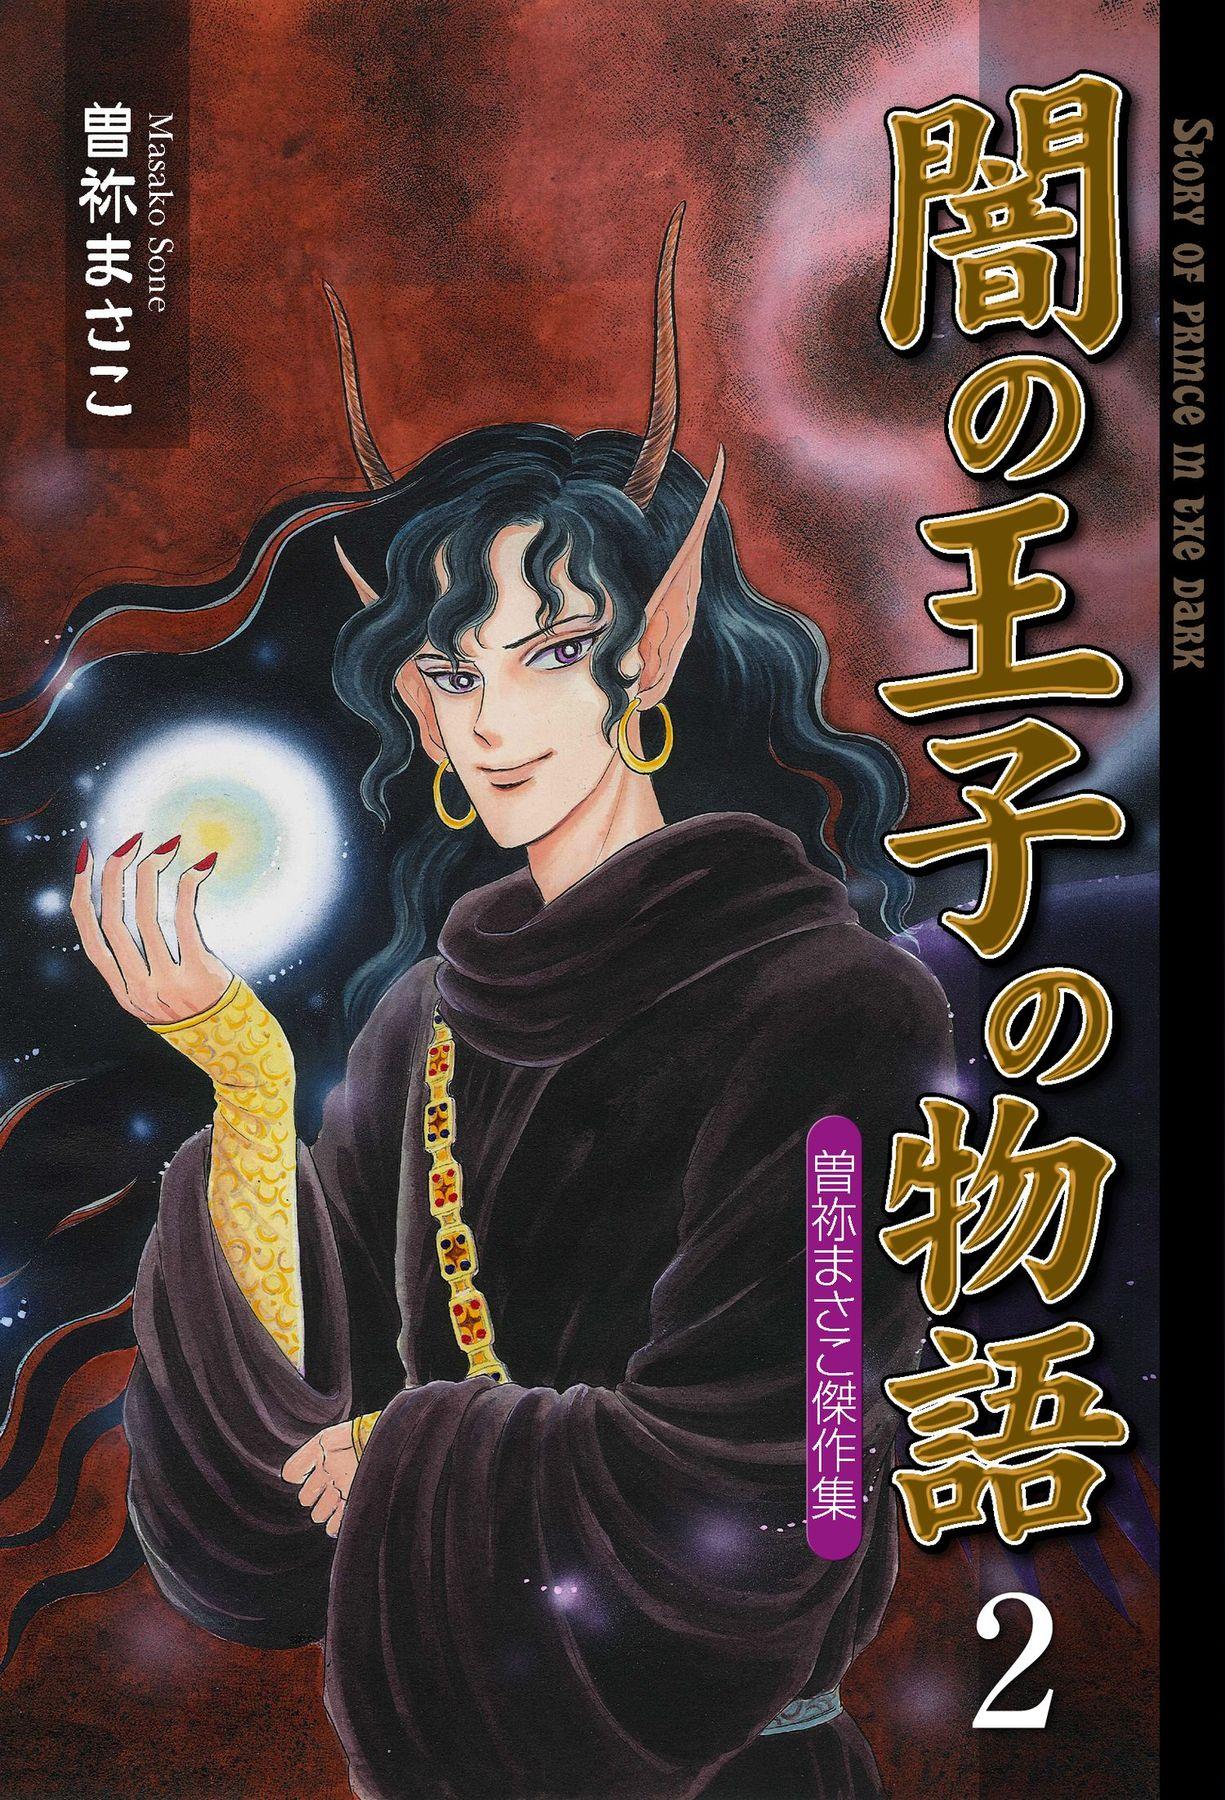 闇の王子の物語 曽祢まさこ傑作集(第2巻)